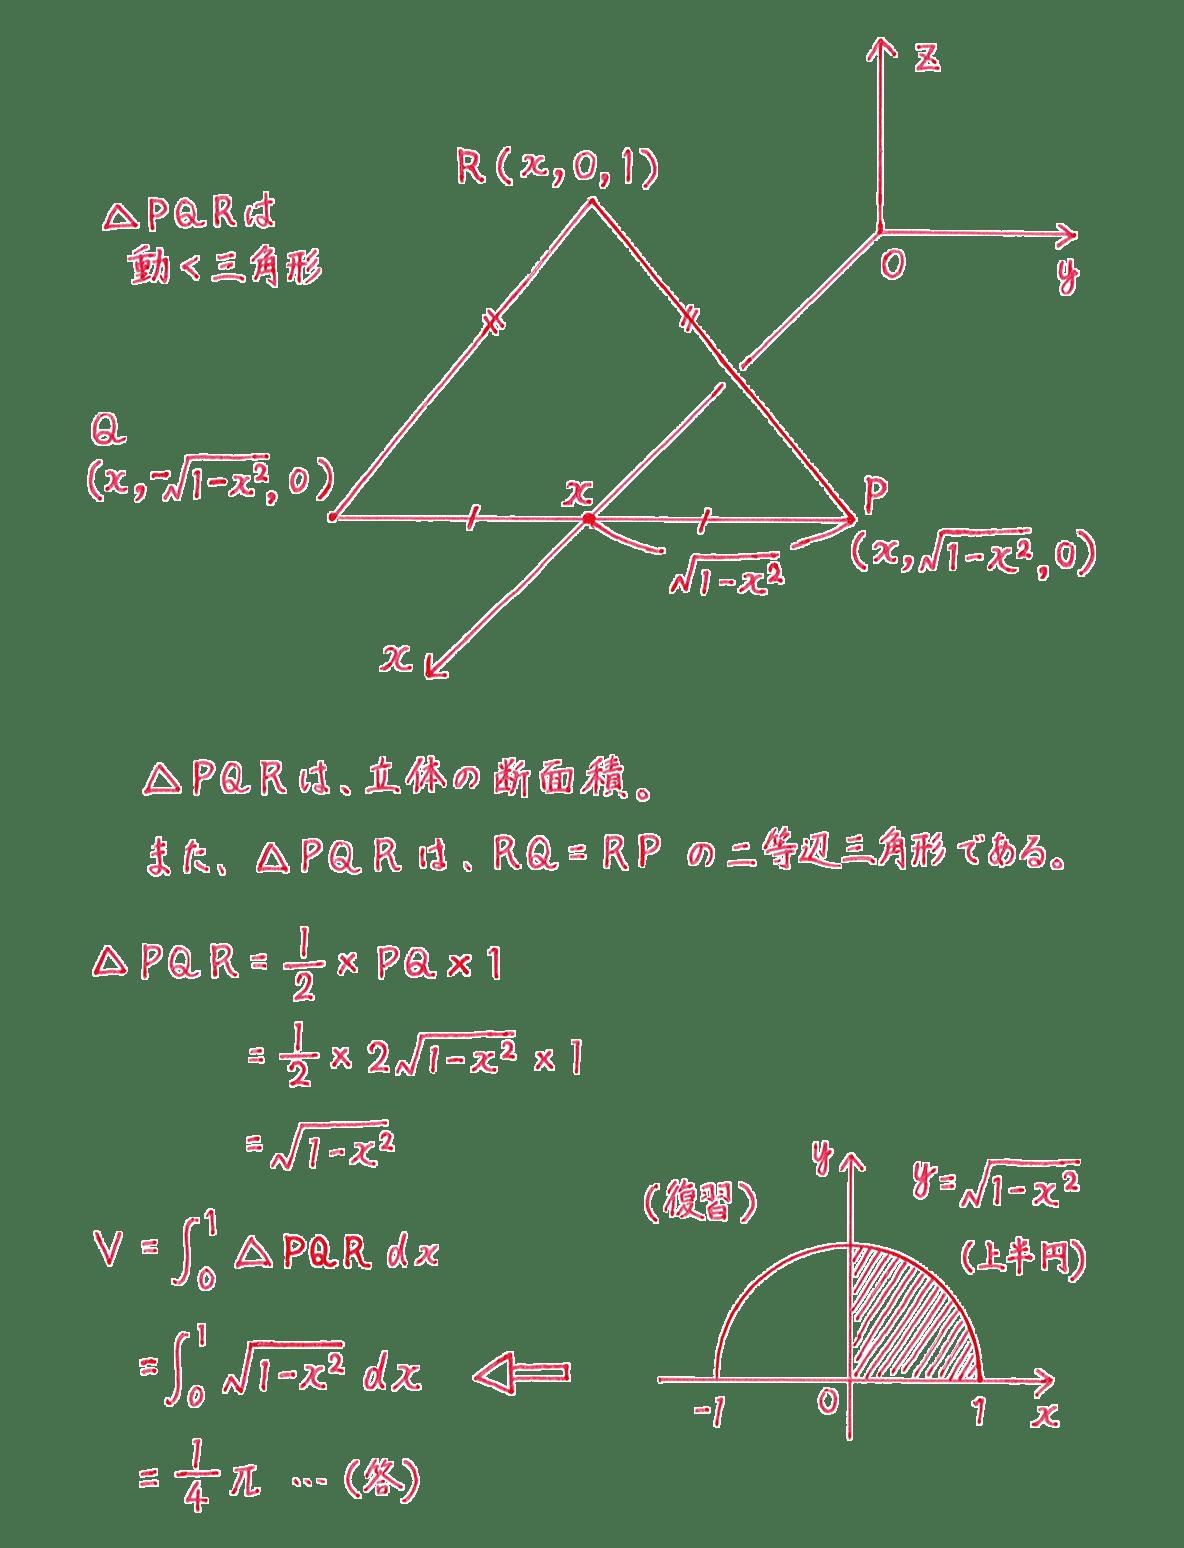 積分法とその応用42 問題 答え